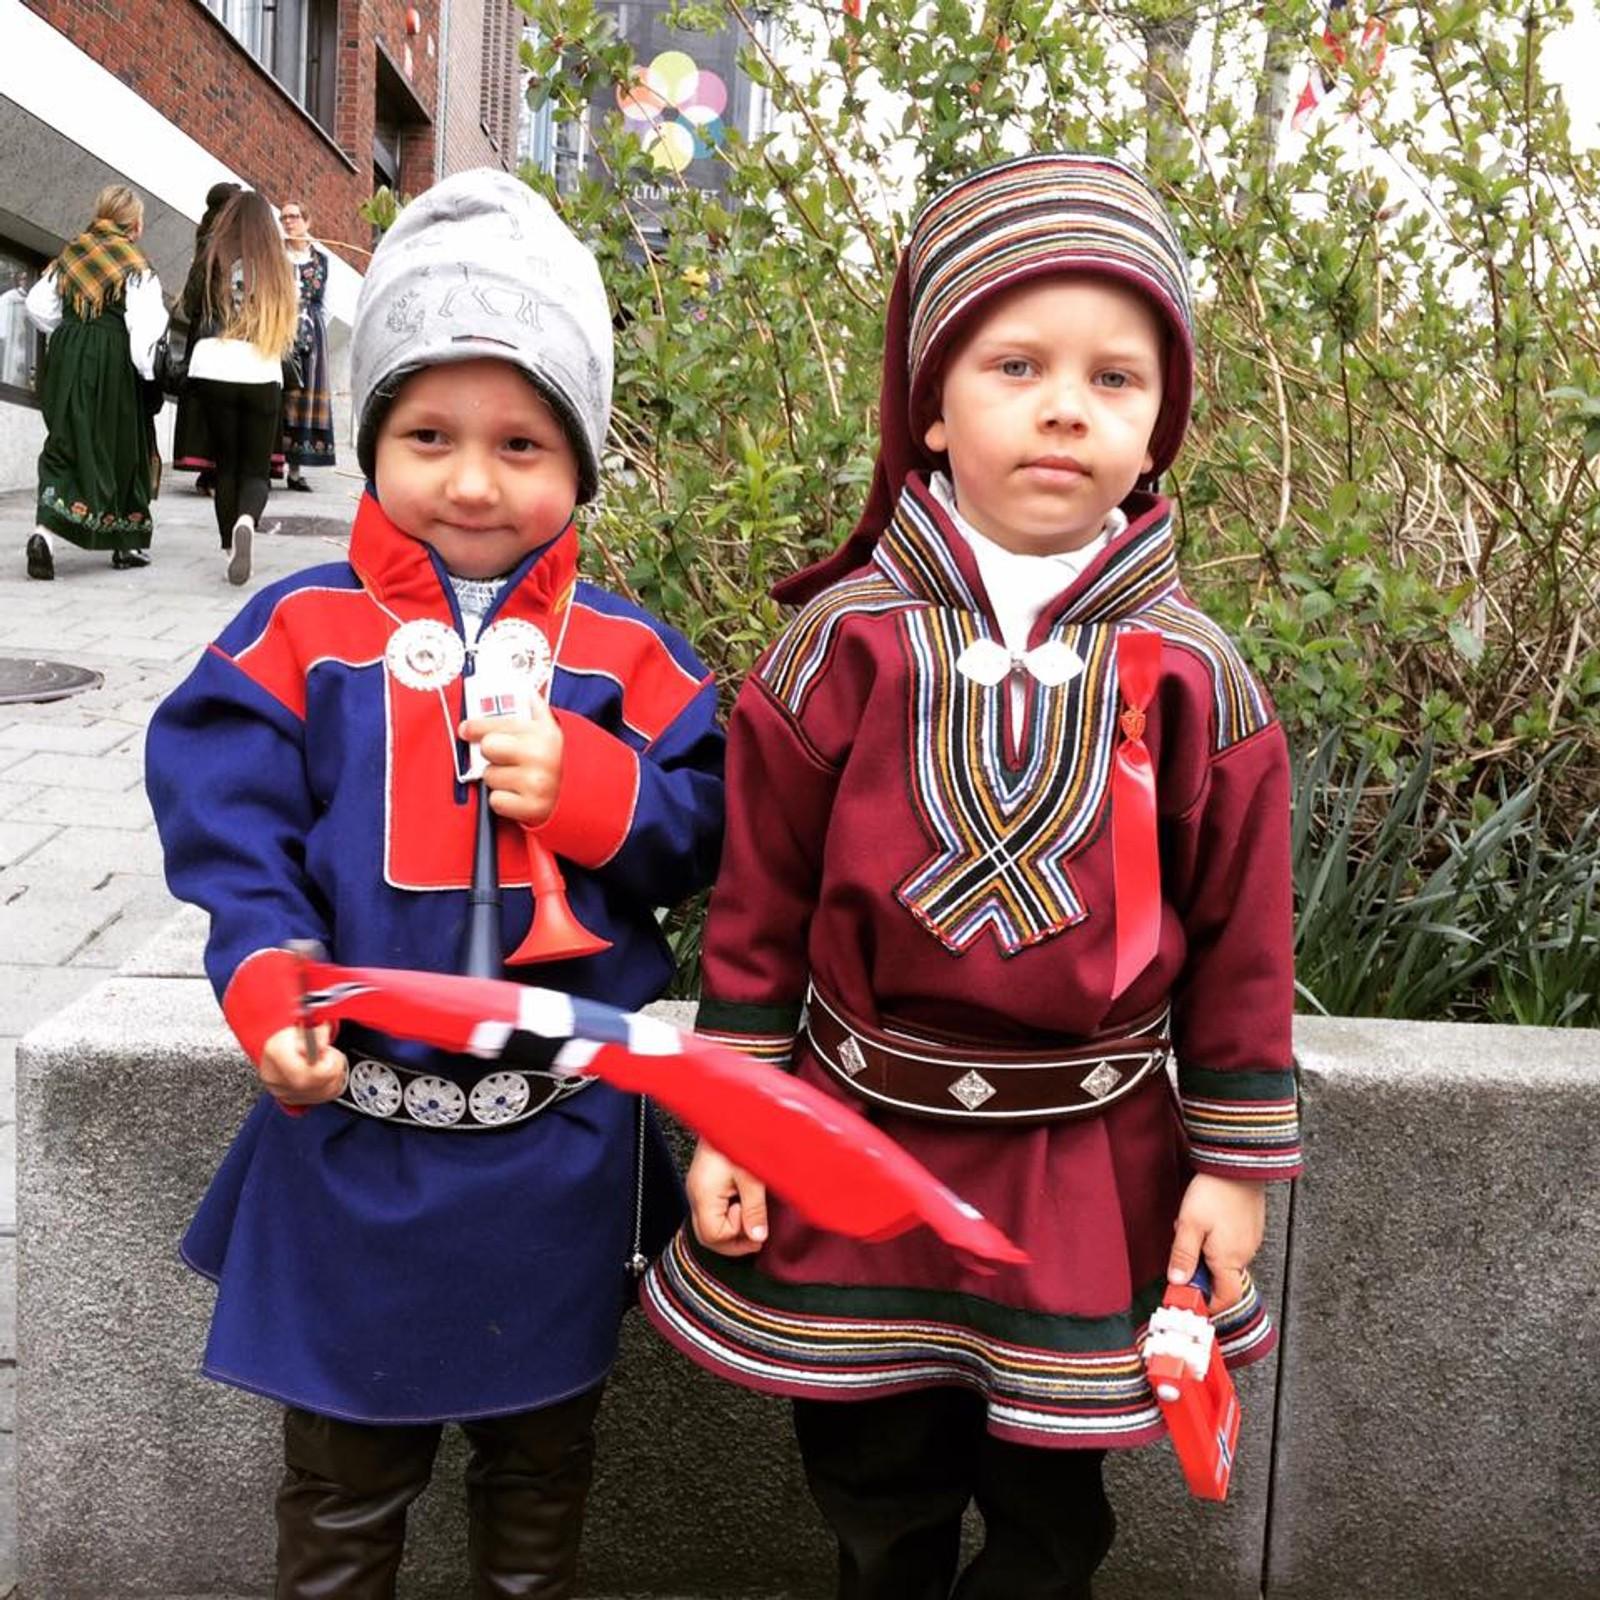 4-åringene Isak Andreas og Lemet Mikael spiste is og gikk i tog i Tromsø i formiddag.